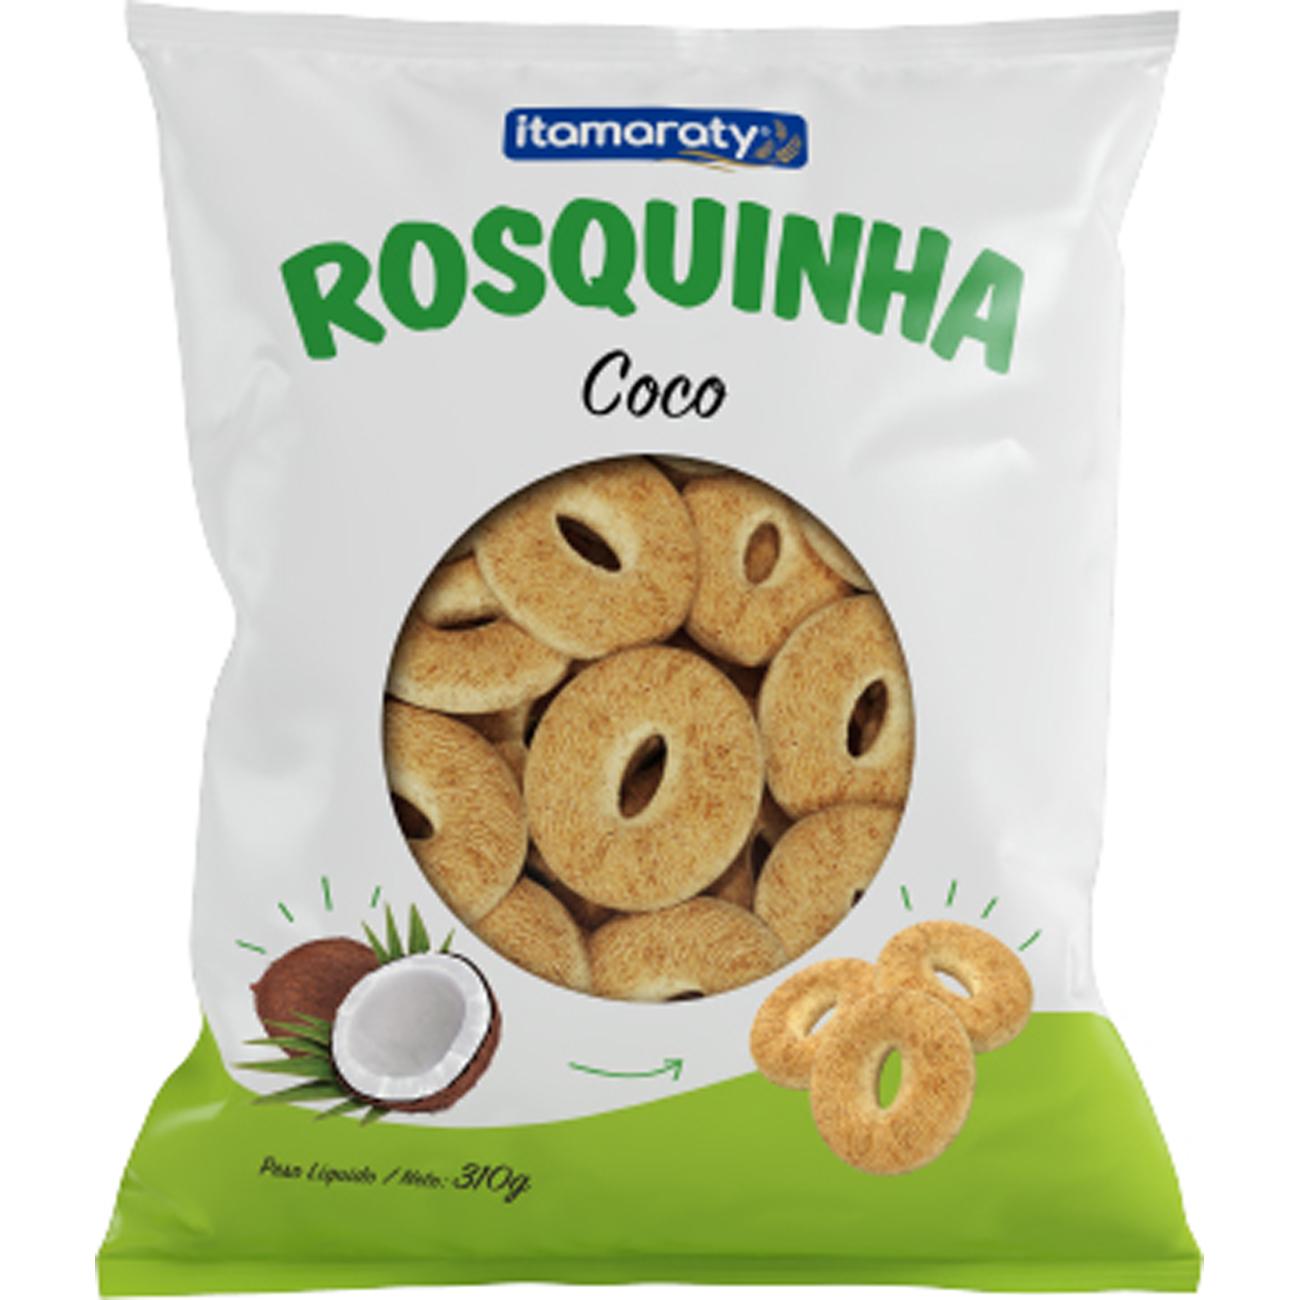 Biscoito Itamaraty 310G Rosq Coco